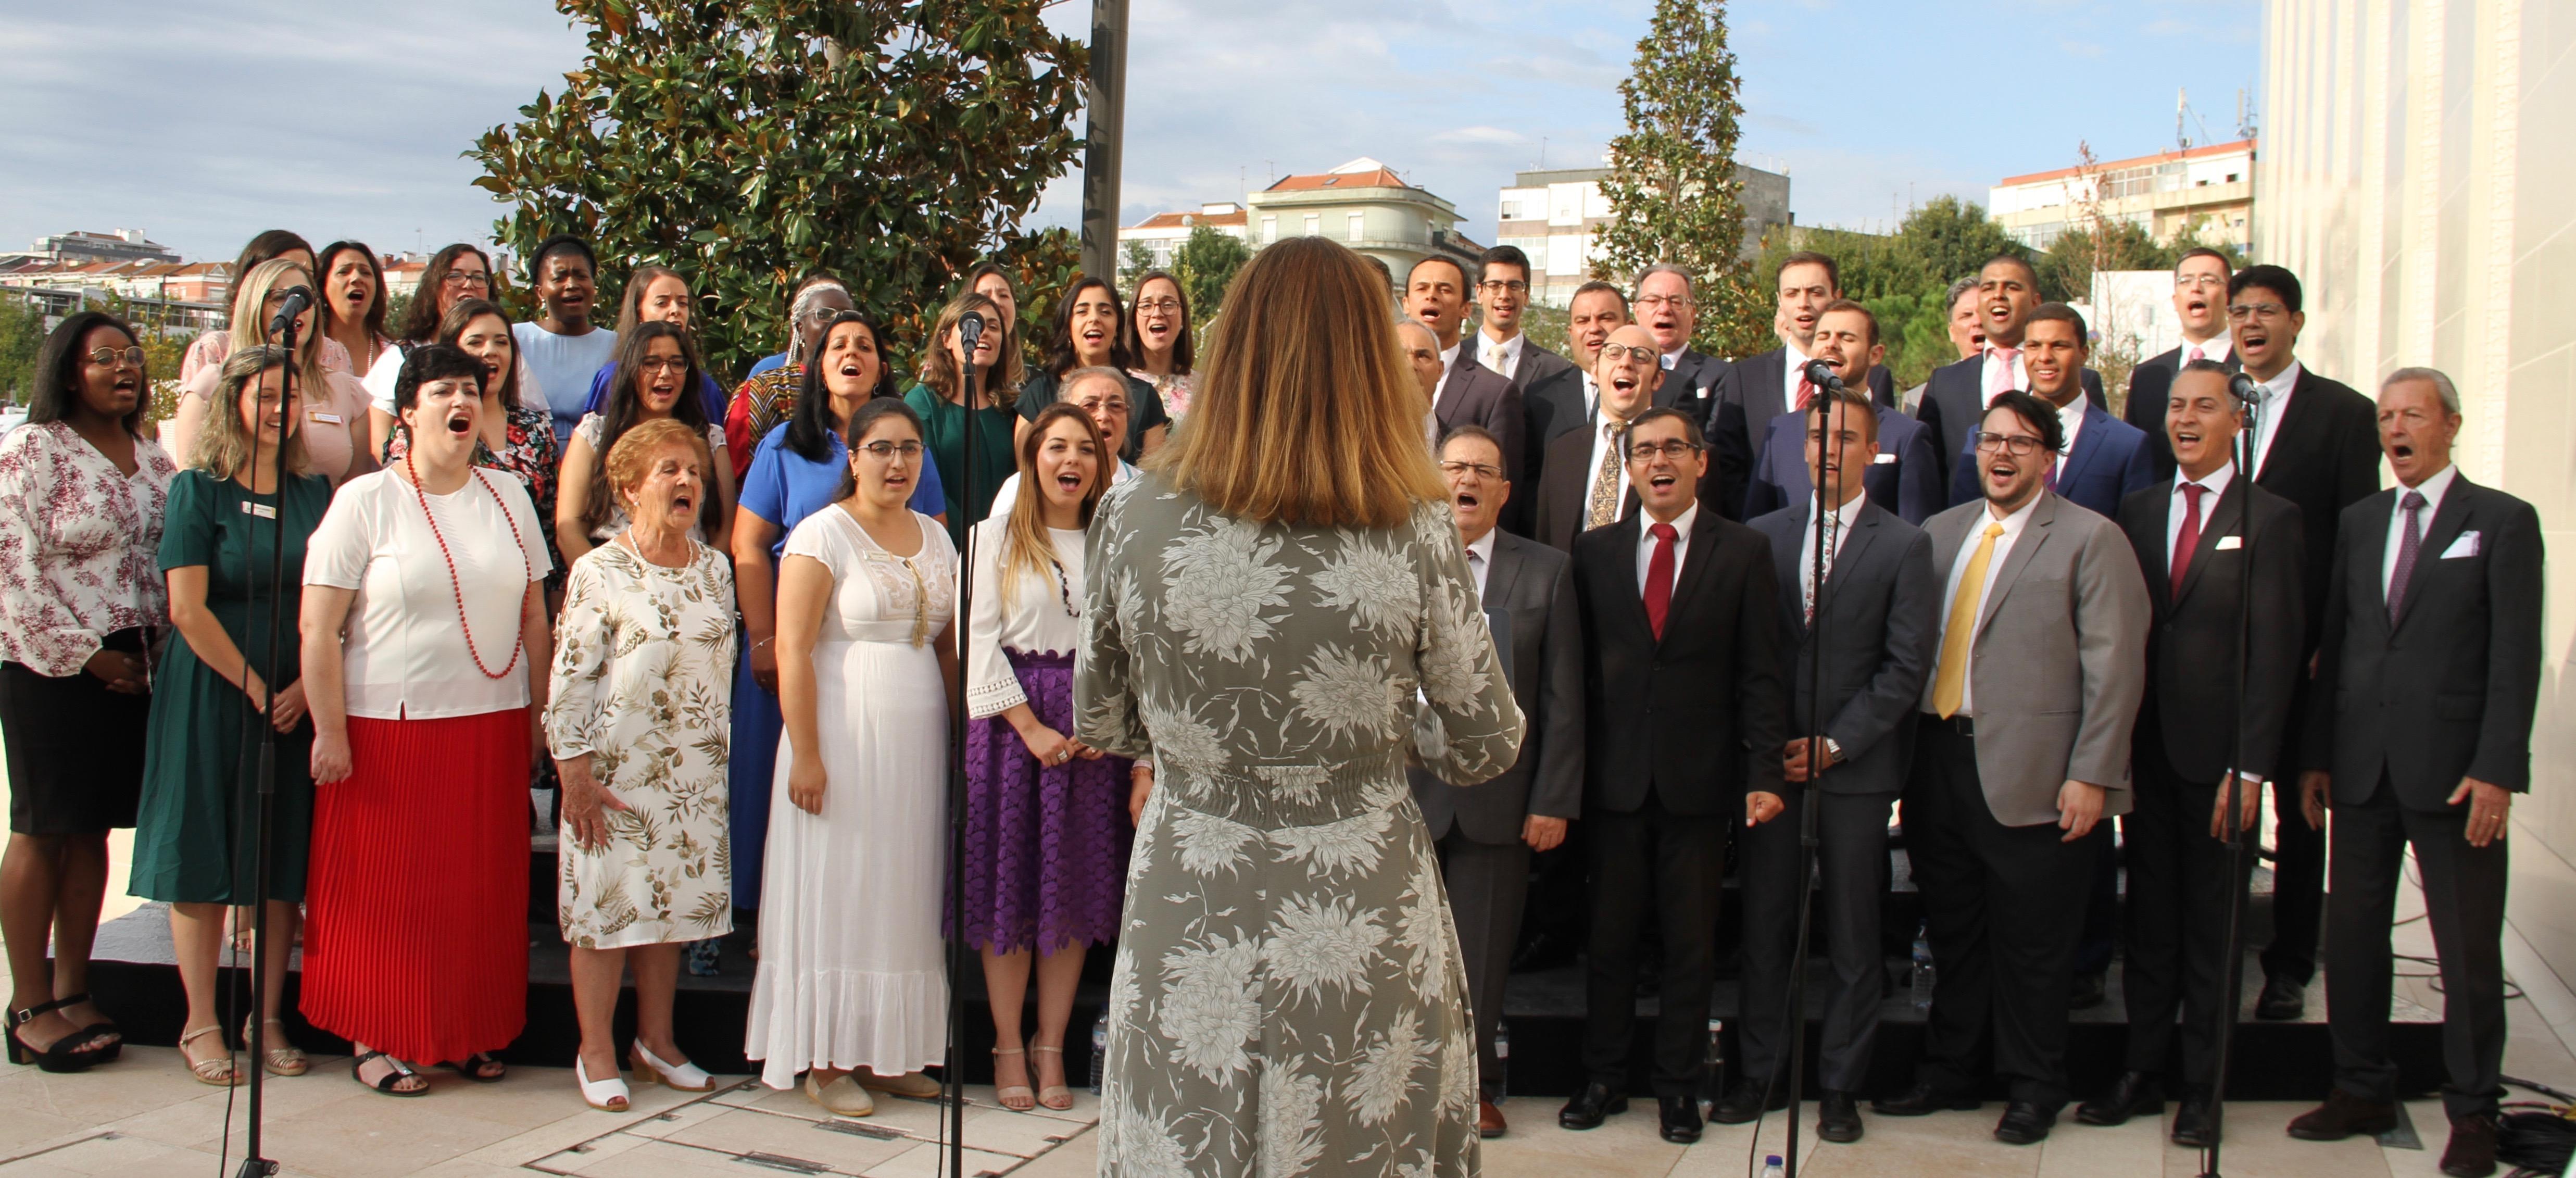 Um coro de membros locais canta na cerimônia de colocação da pedra angular do Templo de Lisboa Portugal durante sua dedicação no domingo, 15 de setembro de 2019.